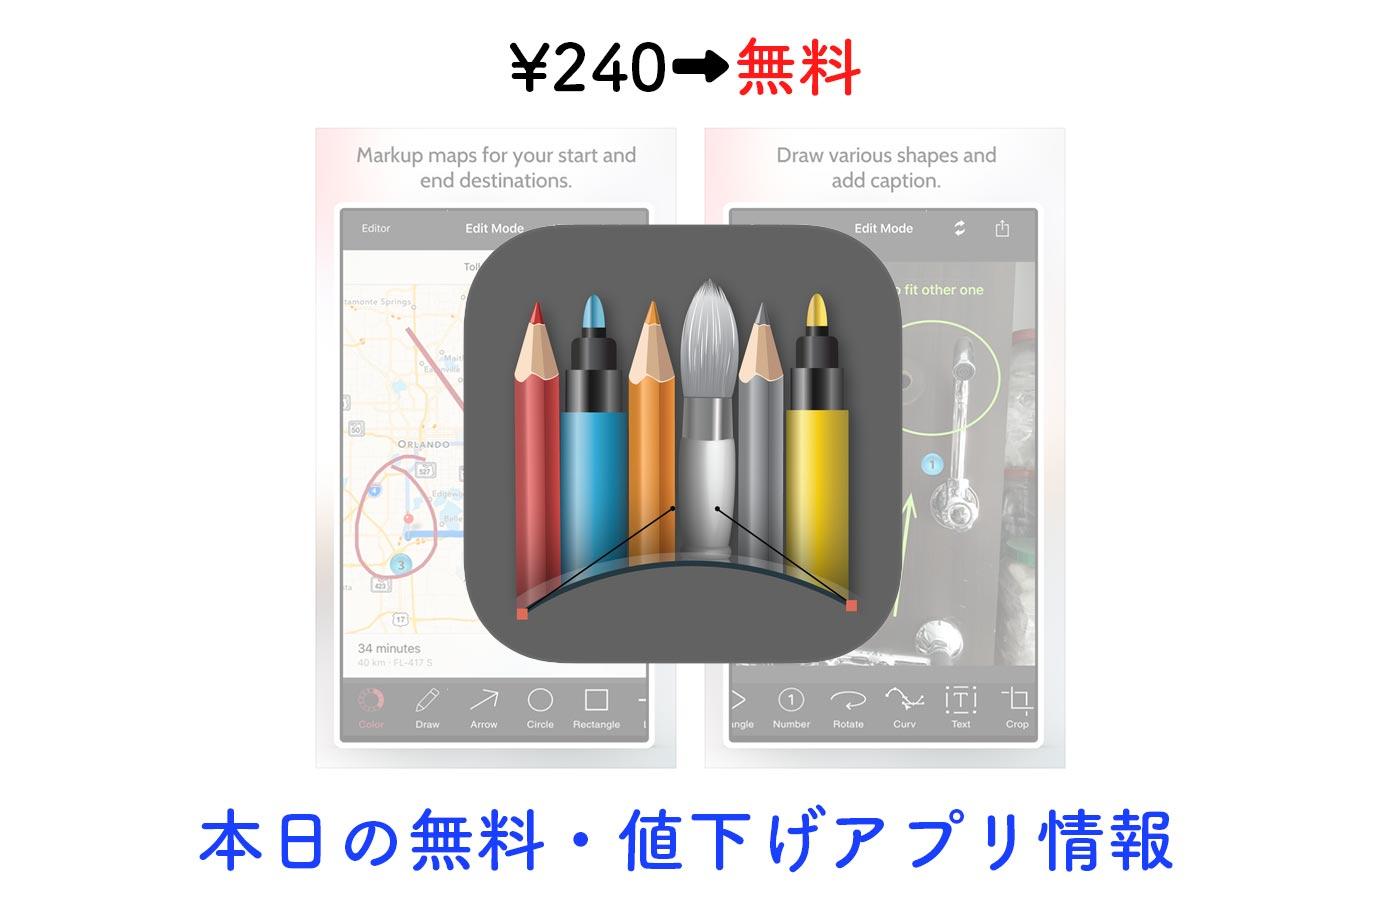 ¥240→無料、写真・画像に様々な描き込みができる「Snap Markup」など【10/9】本日の無料・値下げアプリ情報